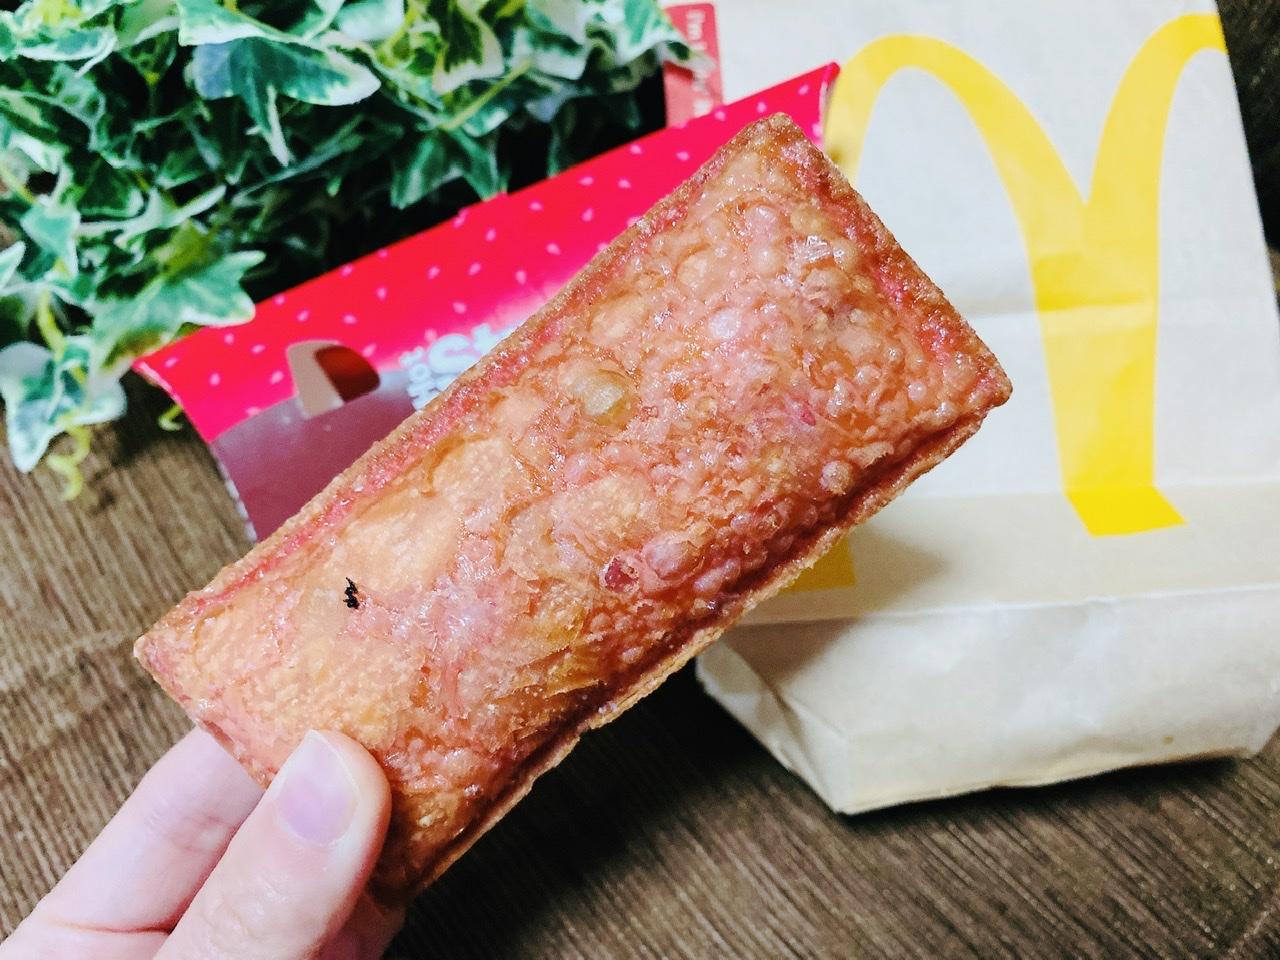 【マクドナルド】の苺スイーツも要チェック!期間限定《ずるいチョコいちごパイ》が新登場★_2